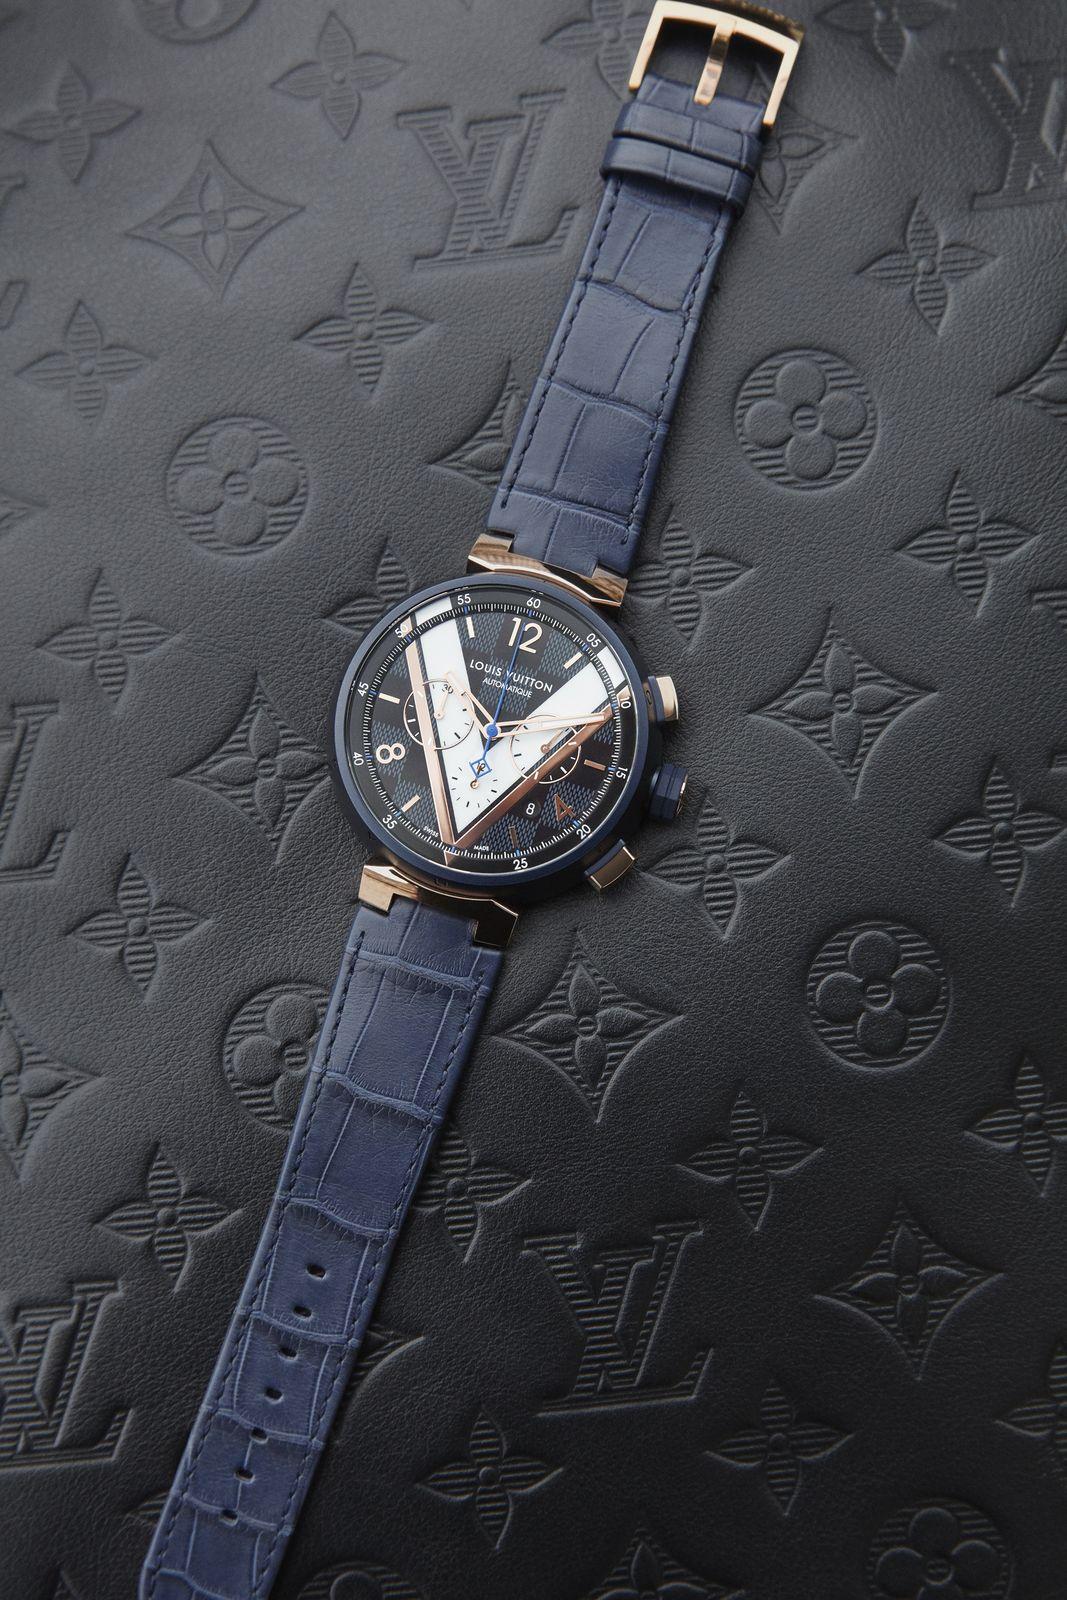 Louis Vuitton launches Tambour Damier Cobalt Chronograph